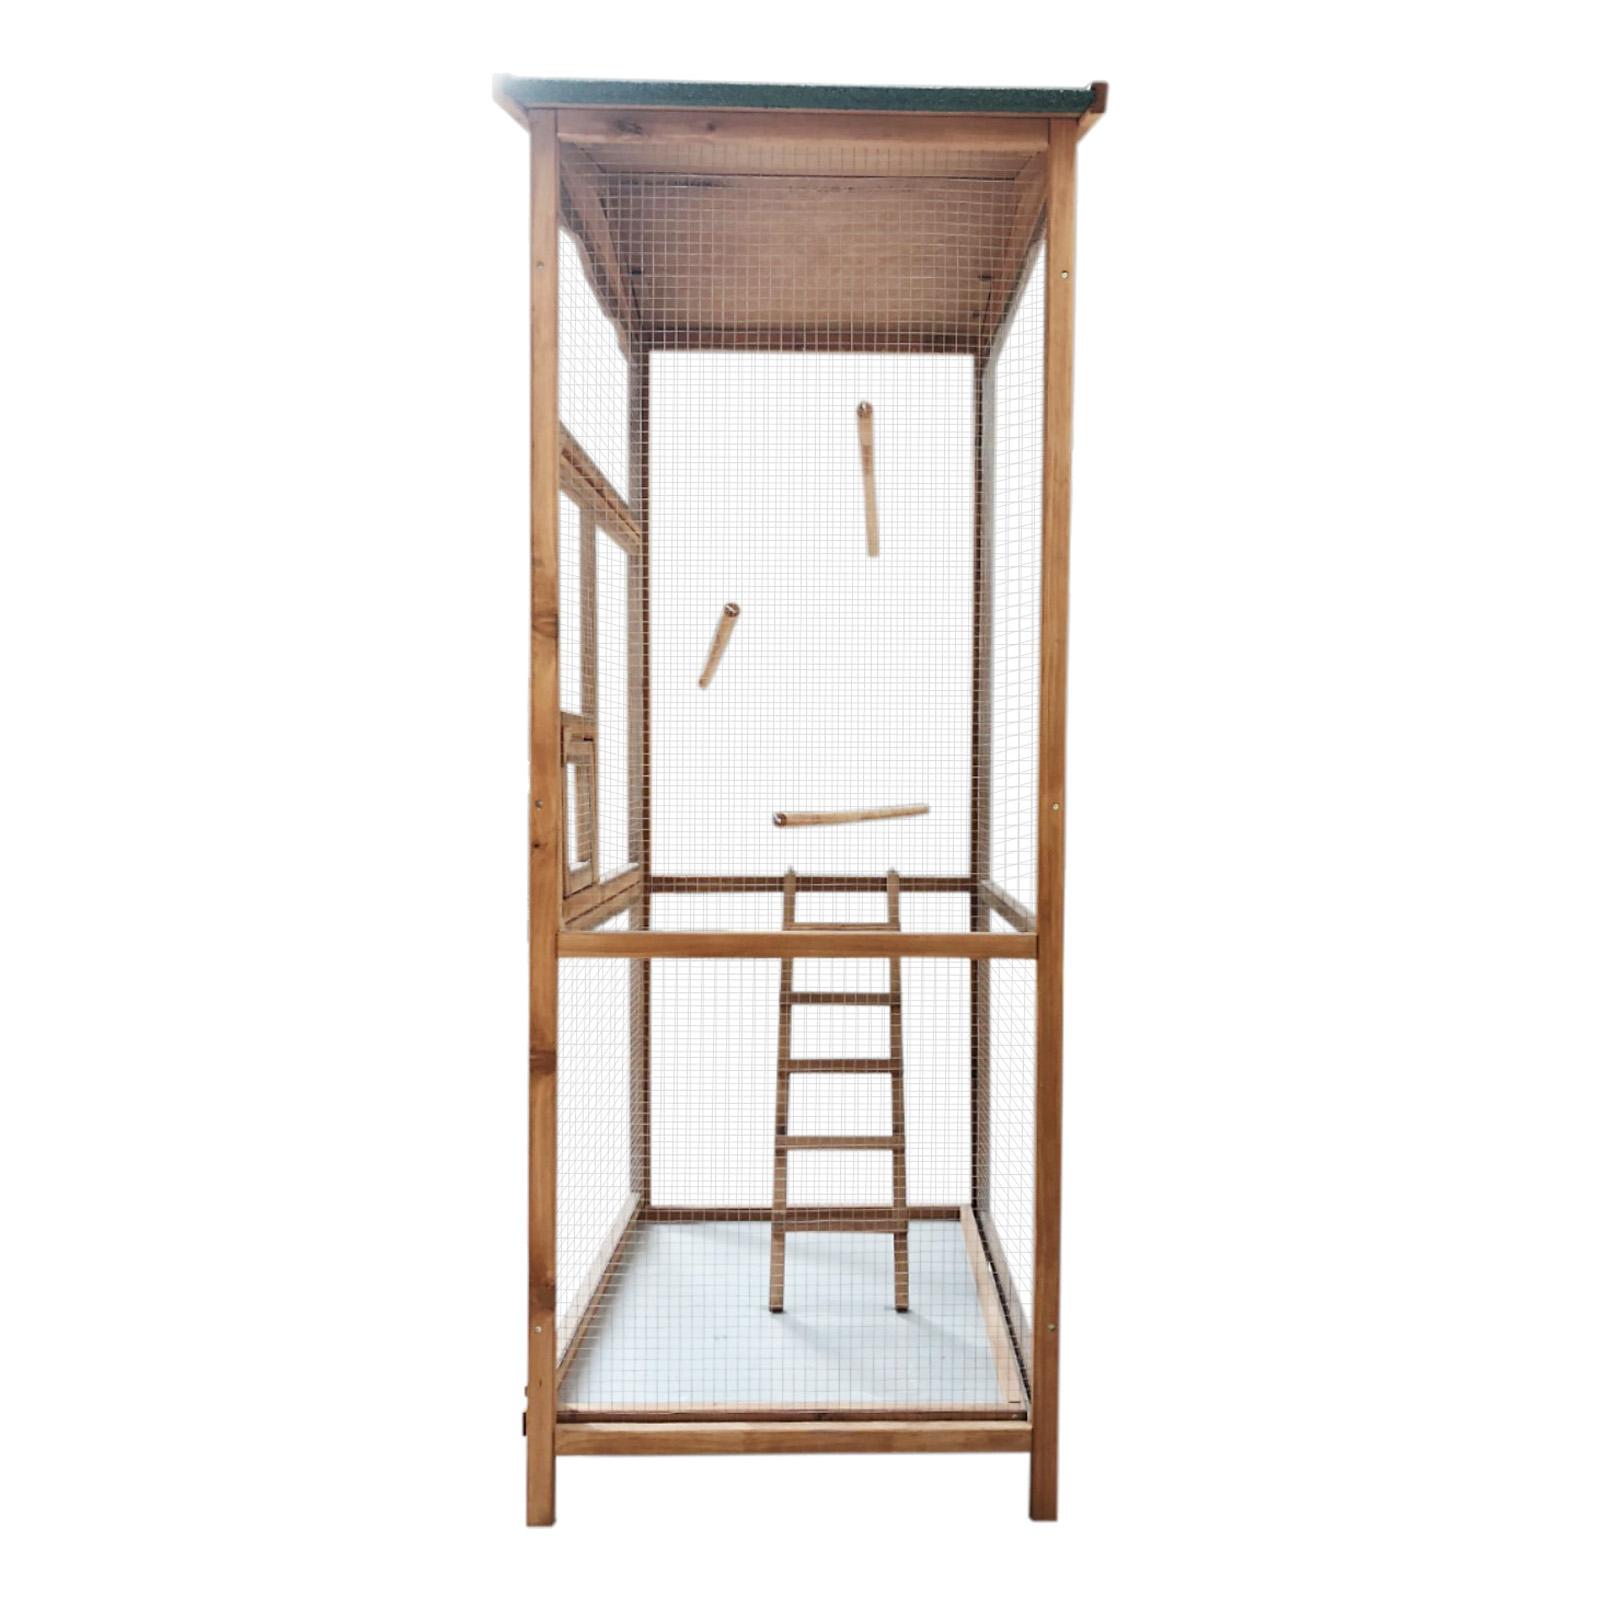 voli re d oiseaux en bois cage oiseaux cage d animaux. Black Bedroom Furniture Sets. Home Design Ideas